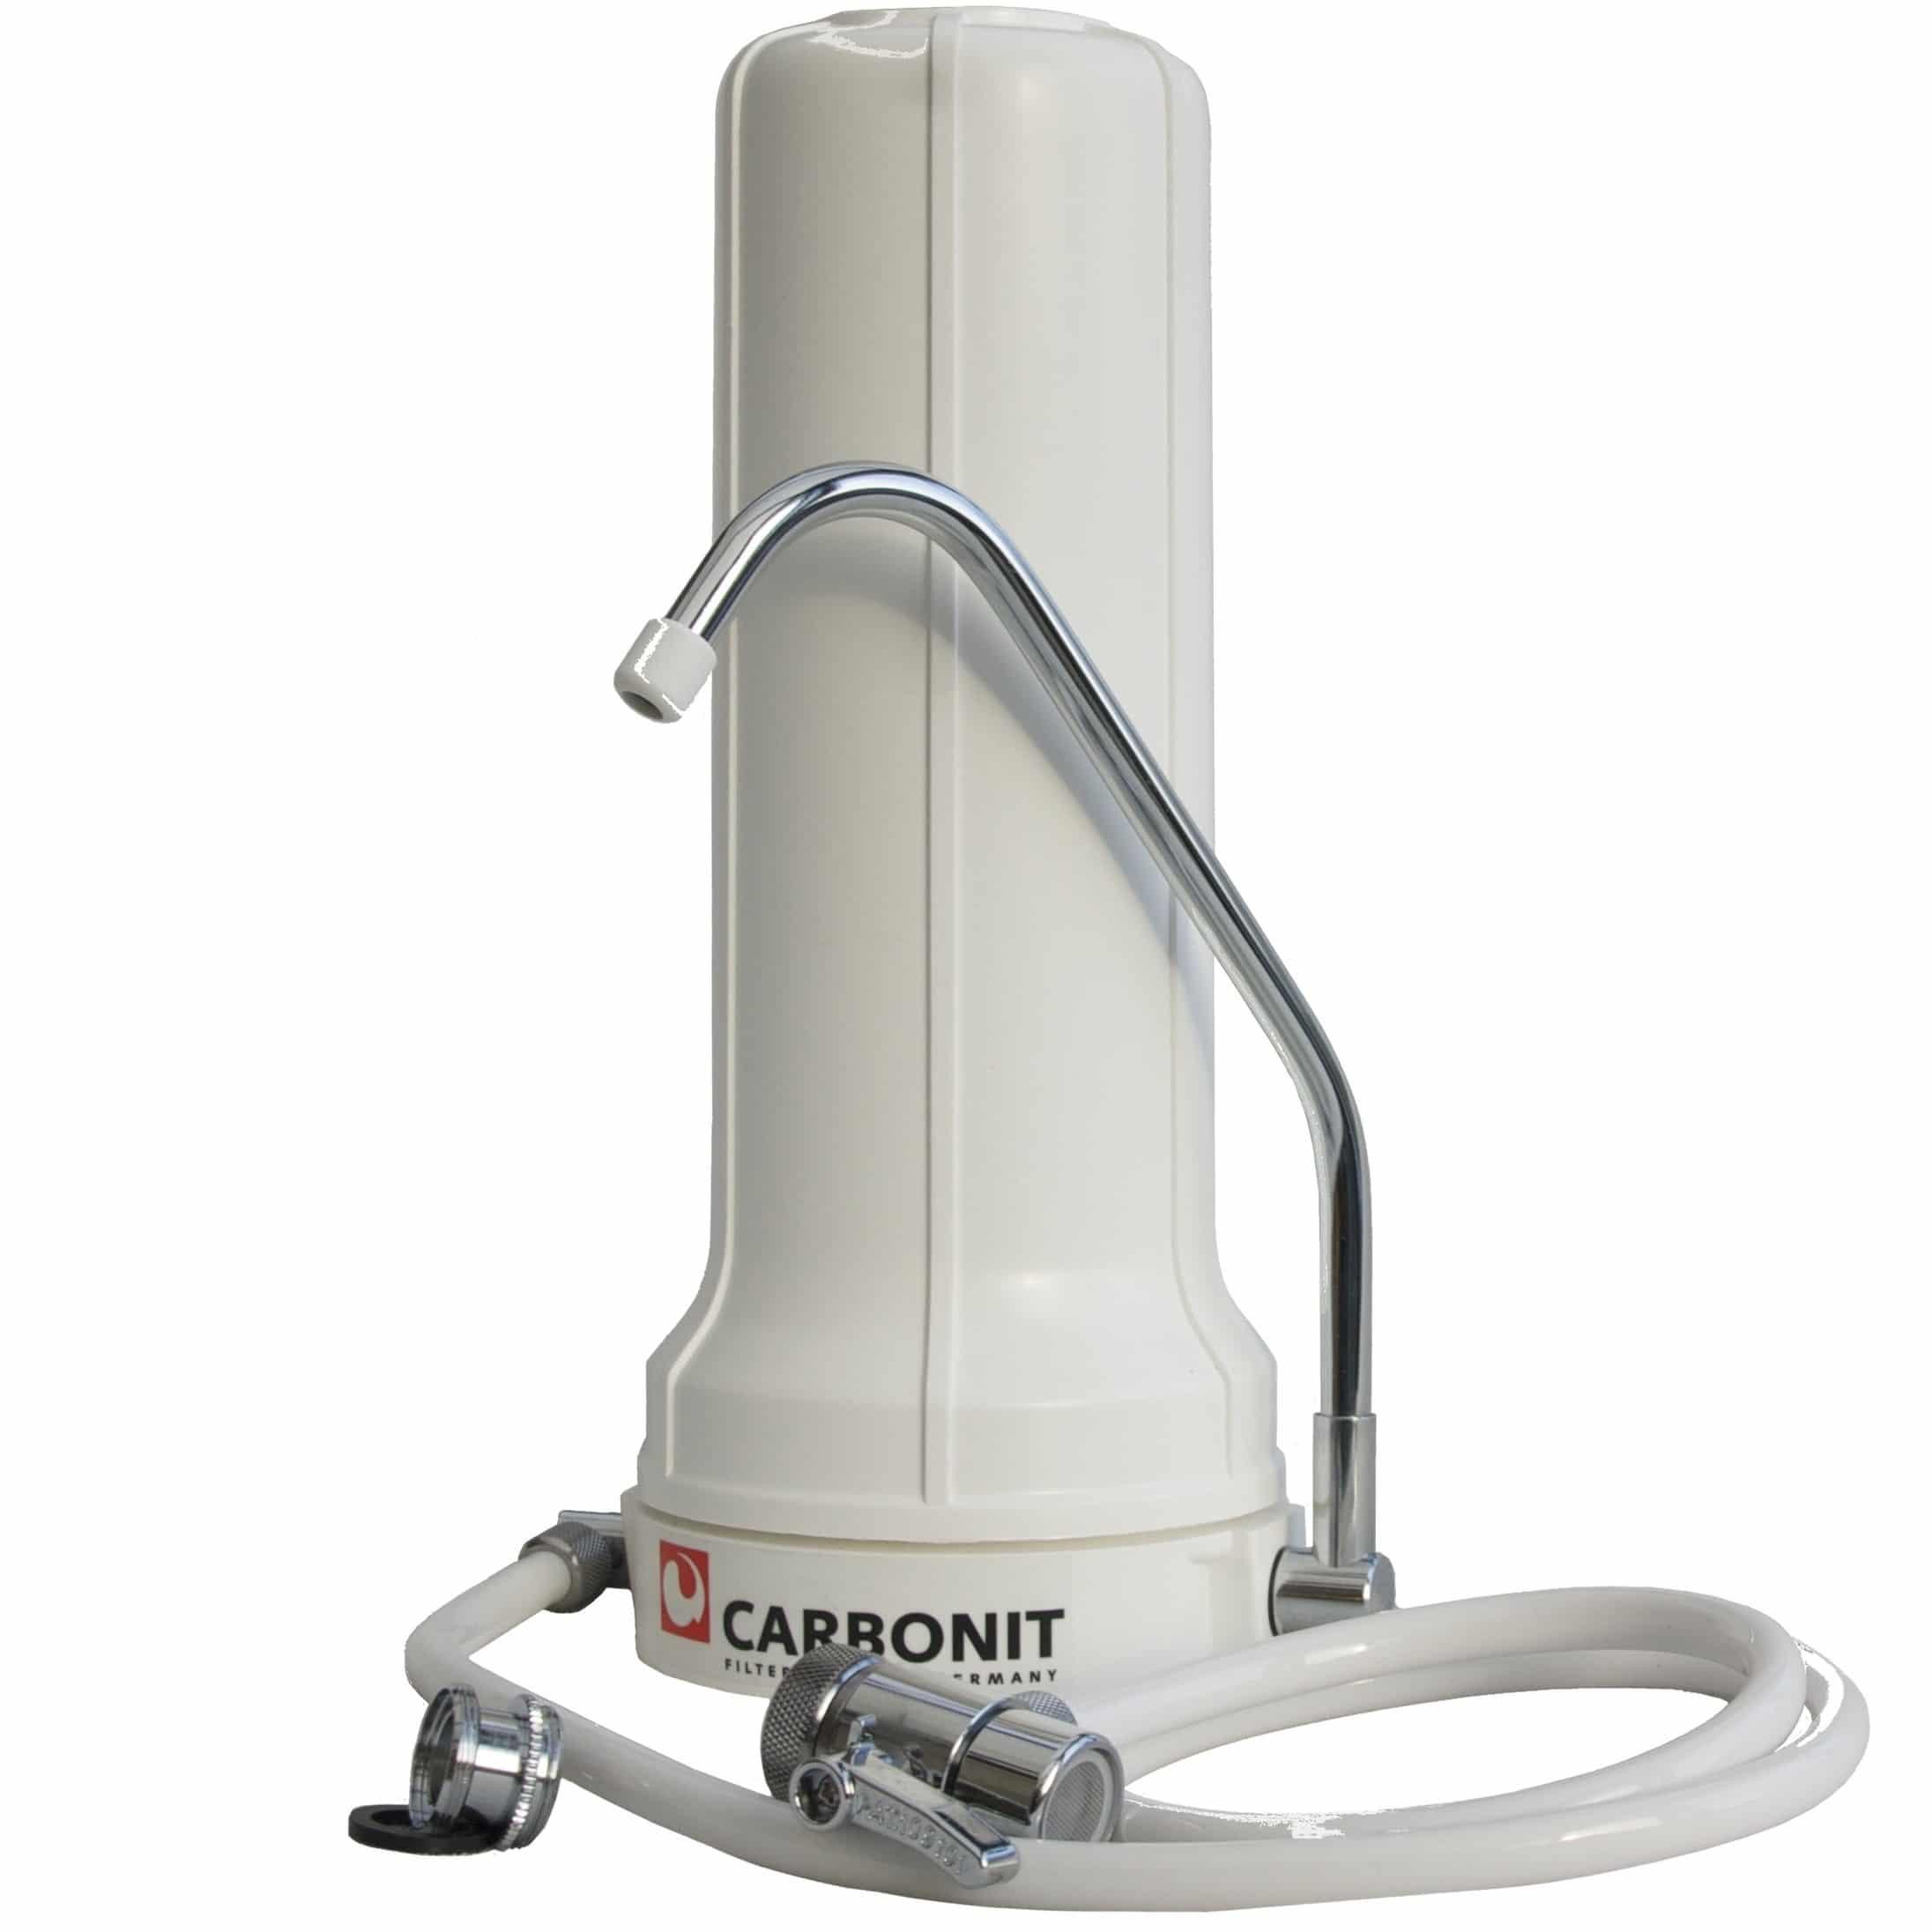 SANUNO de Carbonit® le filtre relié en un clin d'œil à votre robinet